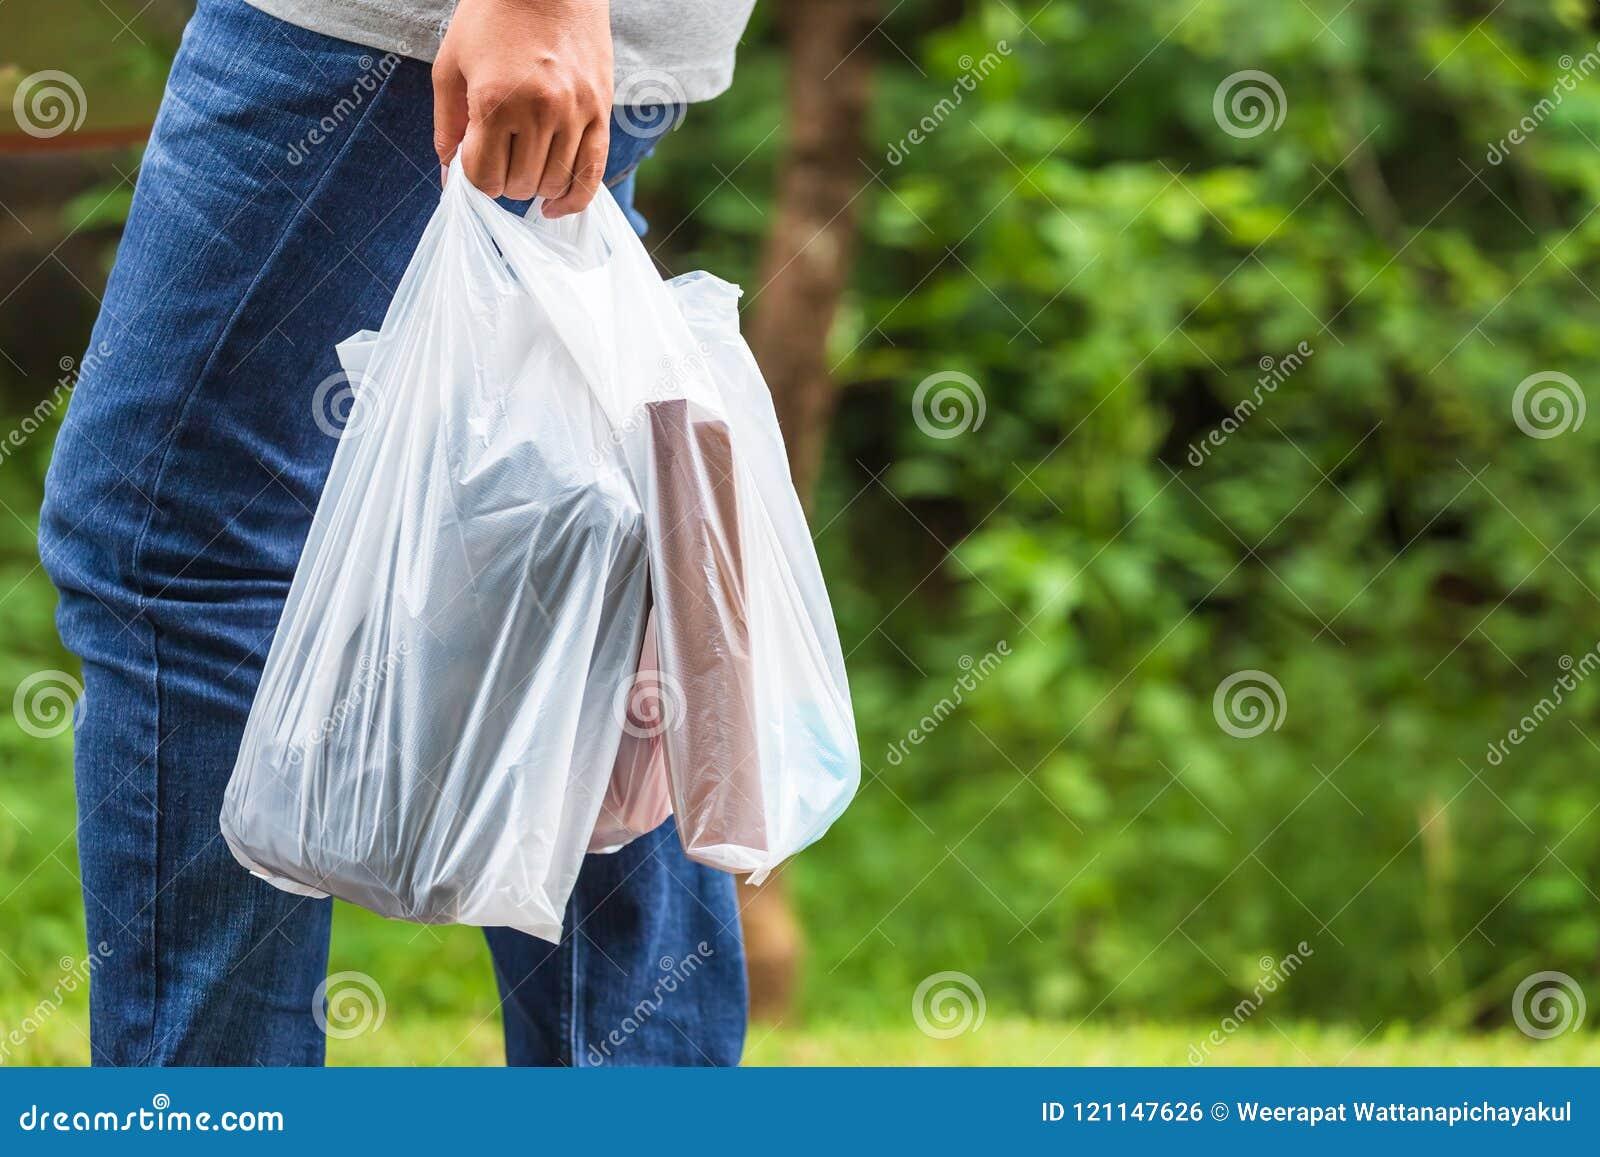 Halten von Plastiktaschen